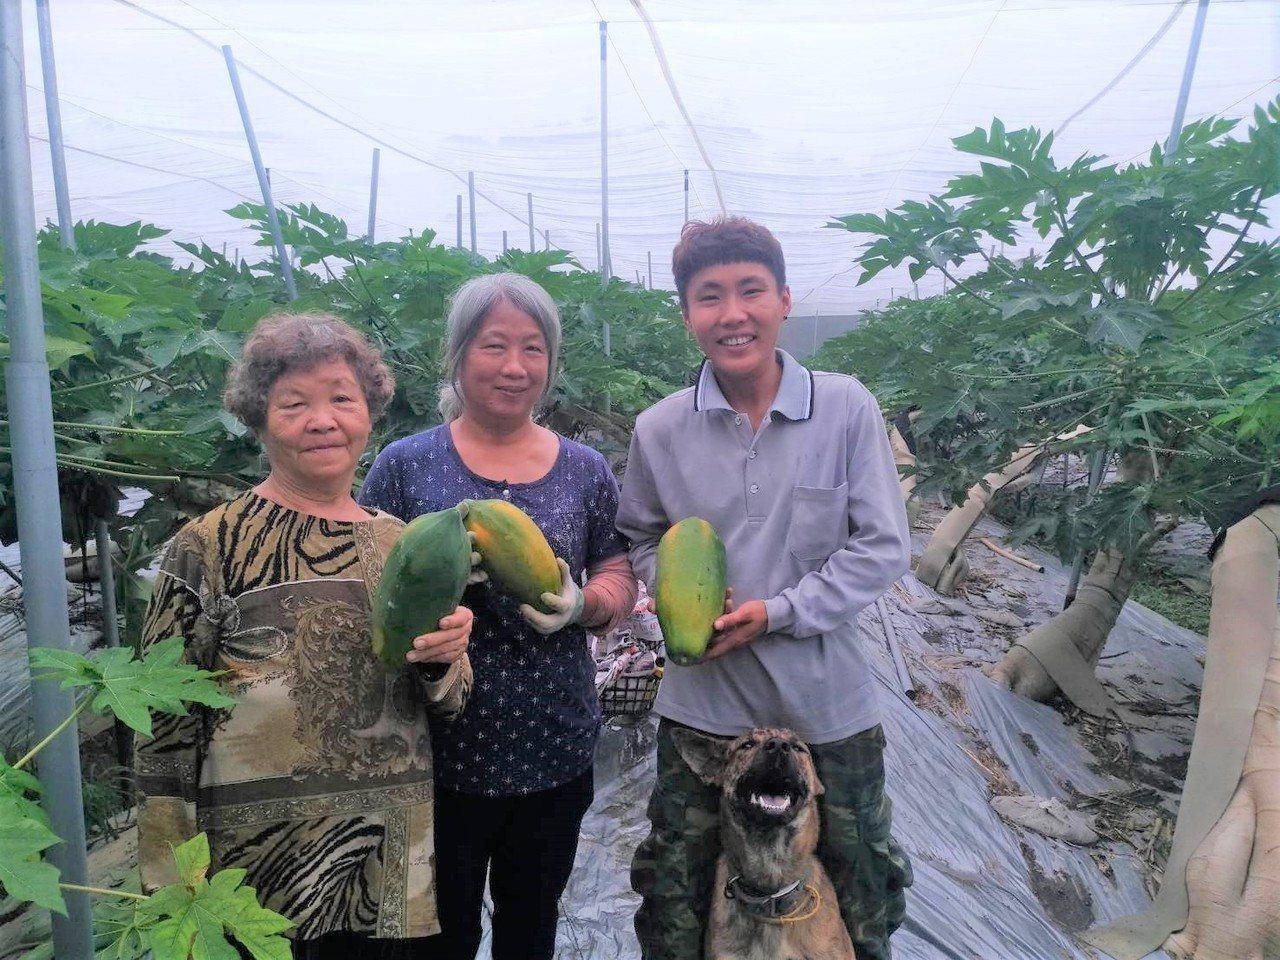 31歲女中士張雅柔(右)4年前放棄升士官長選擇退役,返回台南山上區種木瓜並陪伴8...